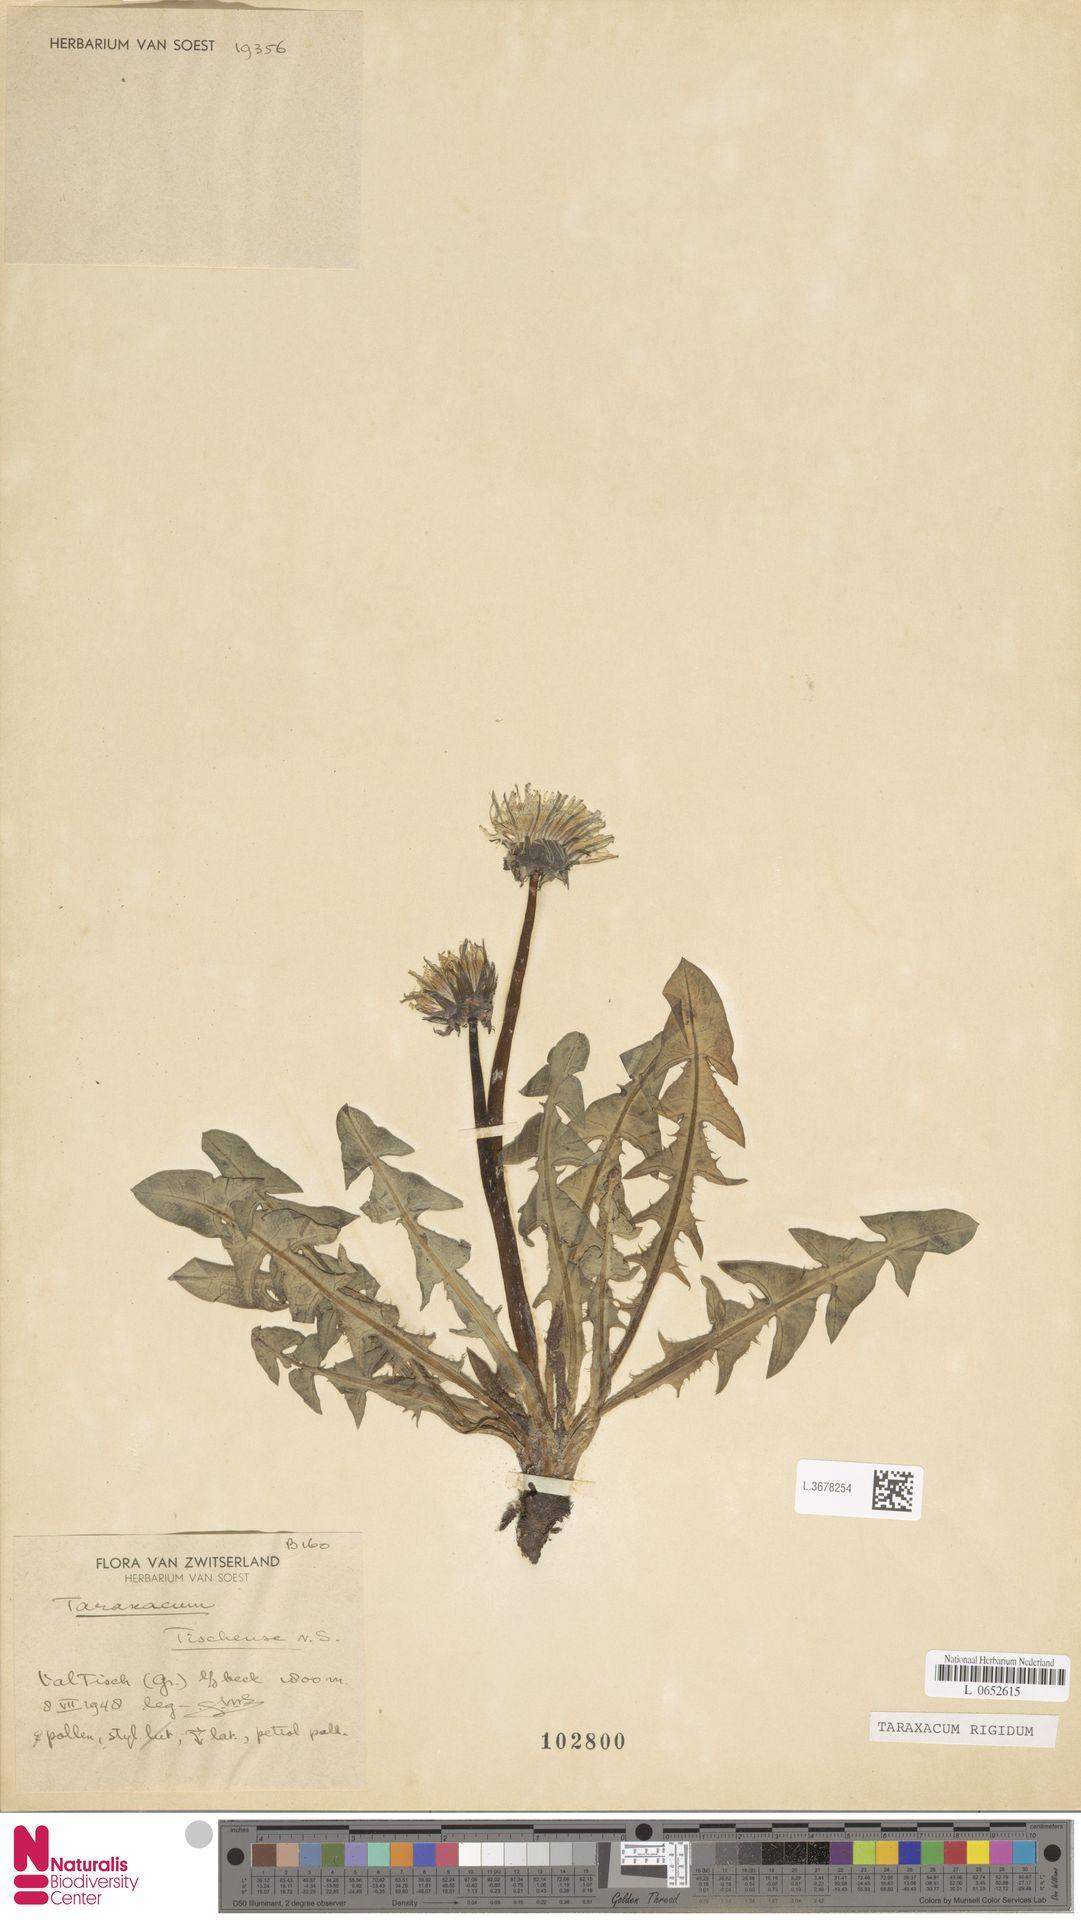 L.3678254 | Taraxacum rigidum Soest